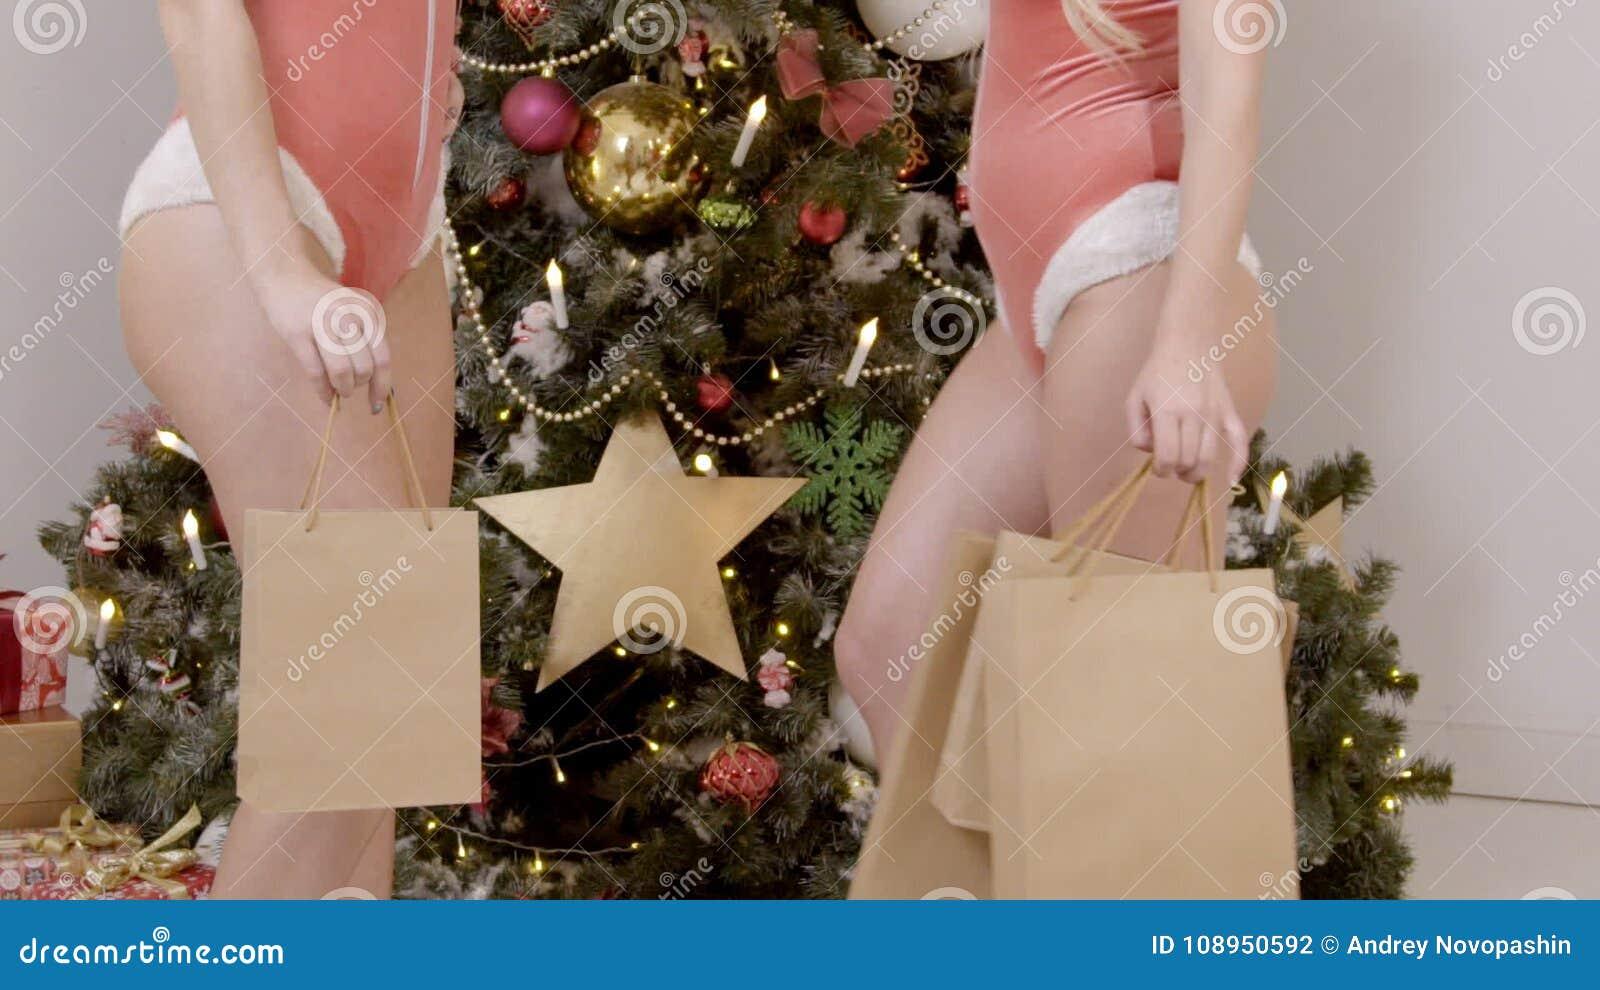 ca1246c4139b9 2 сексуальных женщины в нижнем белье стойка на рождественской елке с  сумками после ходить по магазинам видеоматериал - Видео насчитывающей  батокс, ...